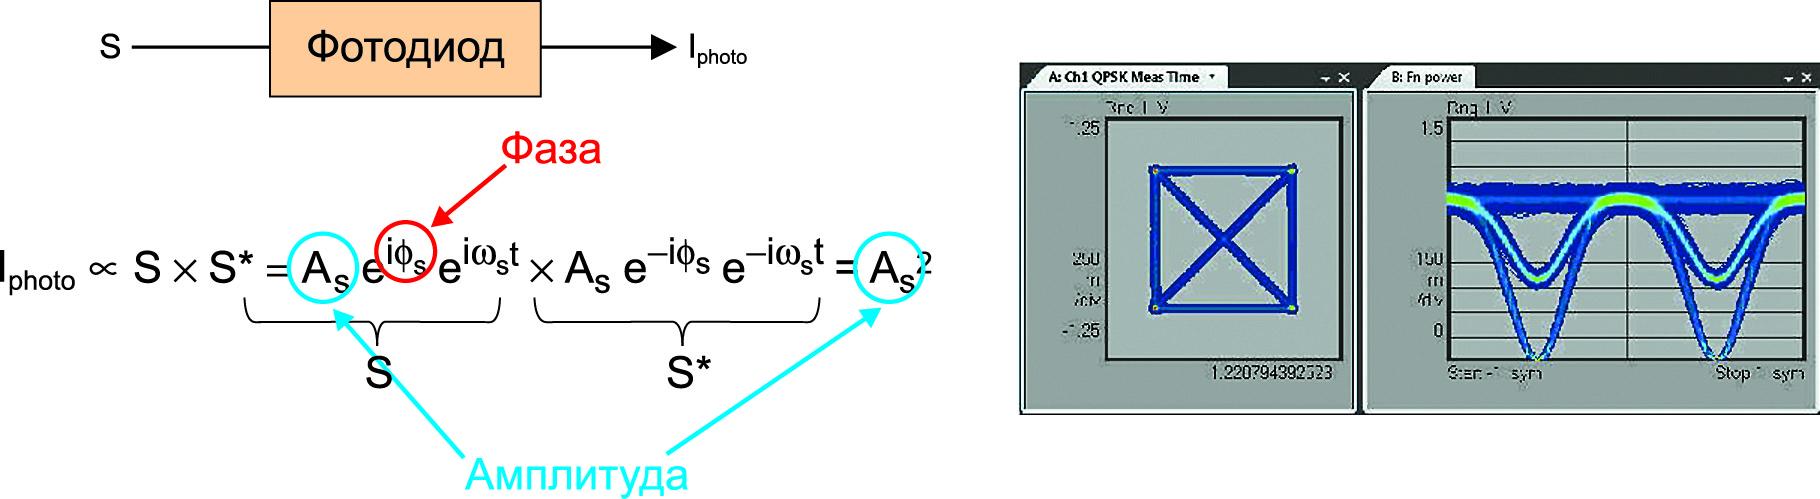 При непосредственном детектировании фототок Iphoto содержит информацию только об амплитуде оптического сигнала